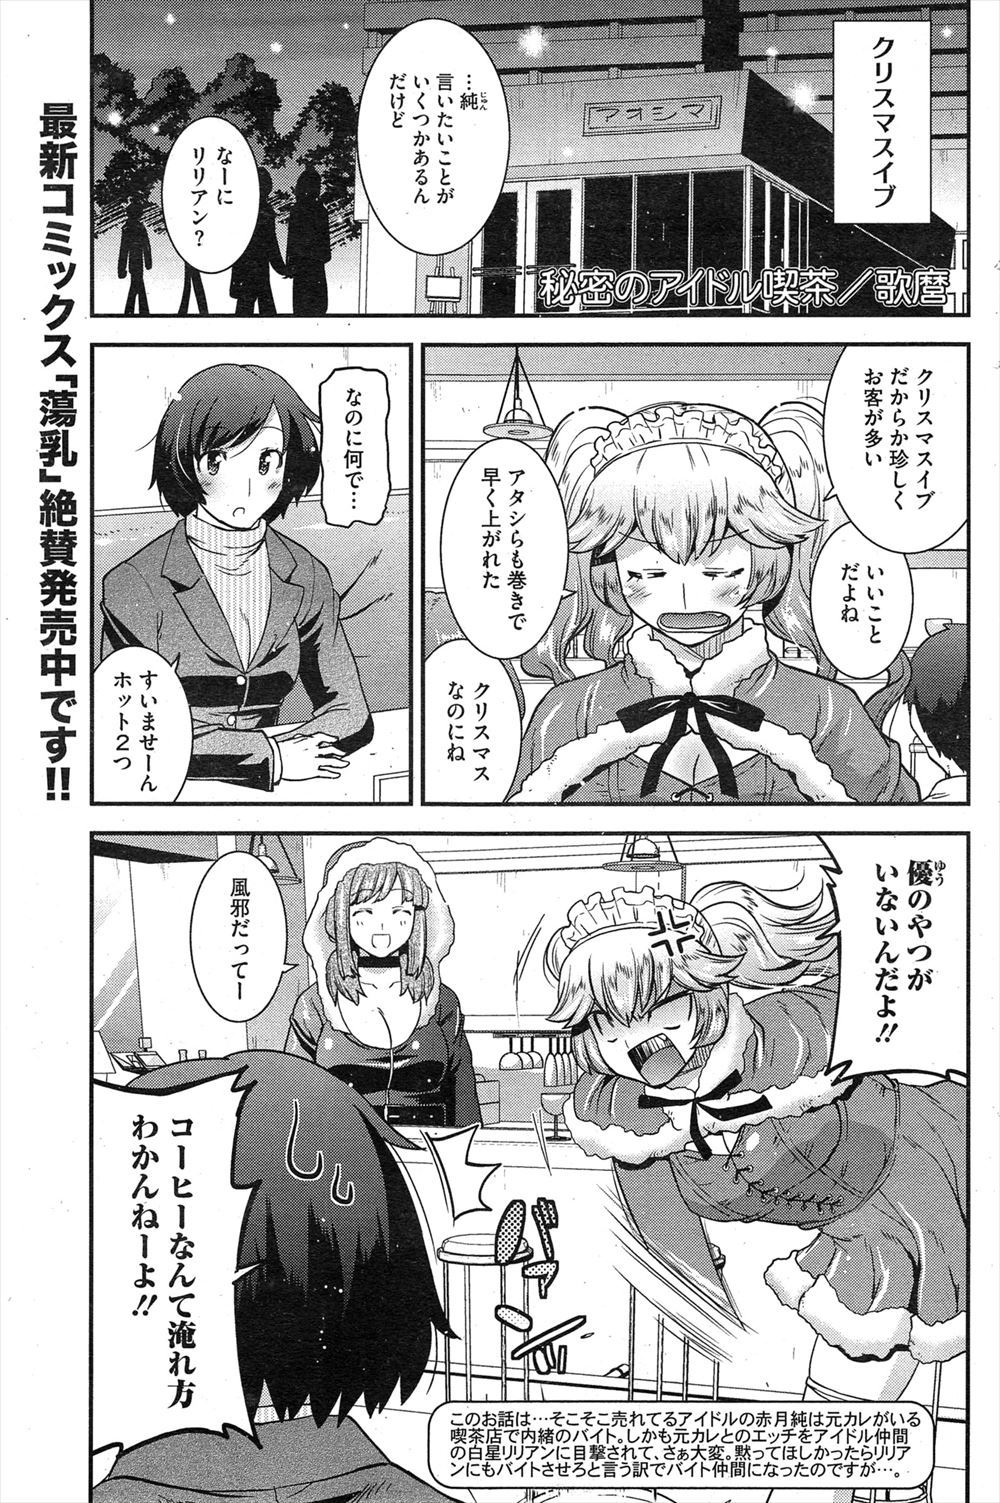 [歌麿] 秘密のアイドル喫茶~二人の濃厚ラテ・マキアート~ (1)